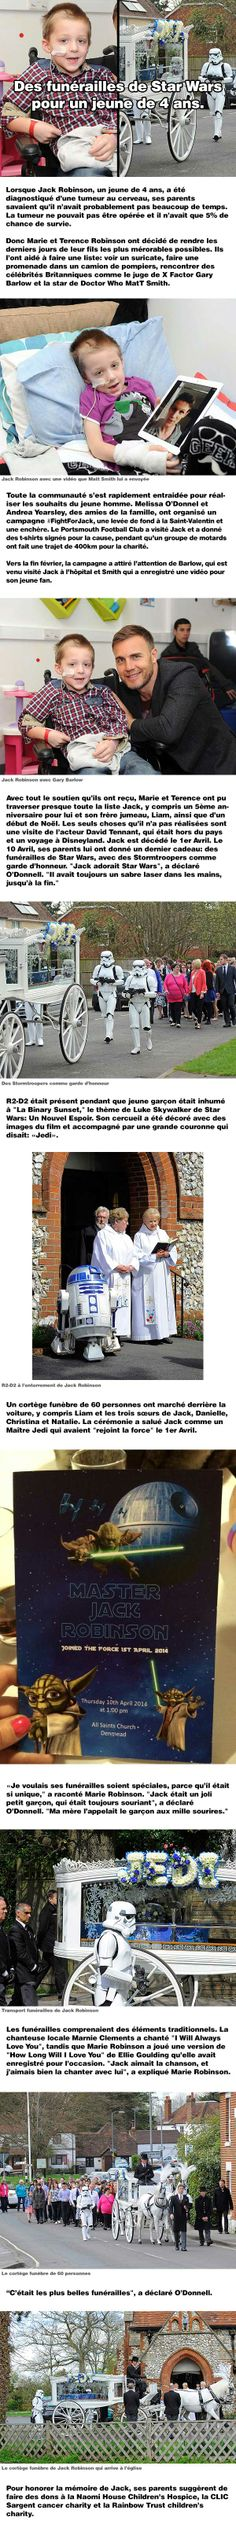 Des funérailles de Star Wars pour un jeune de 4 ans